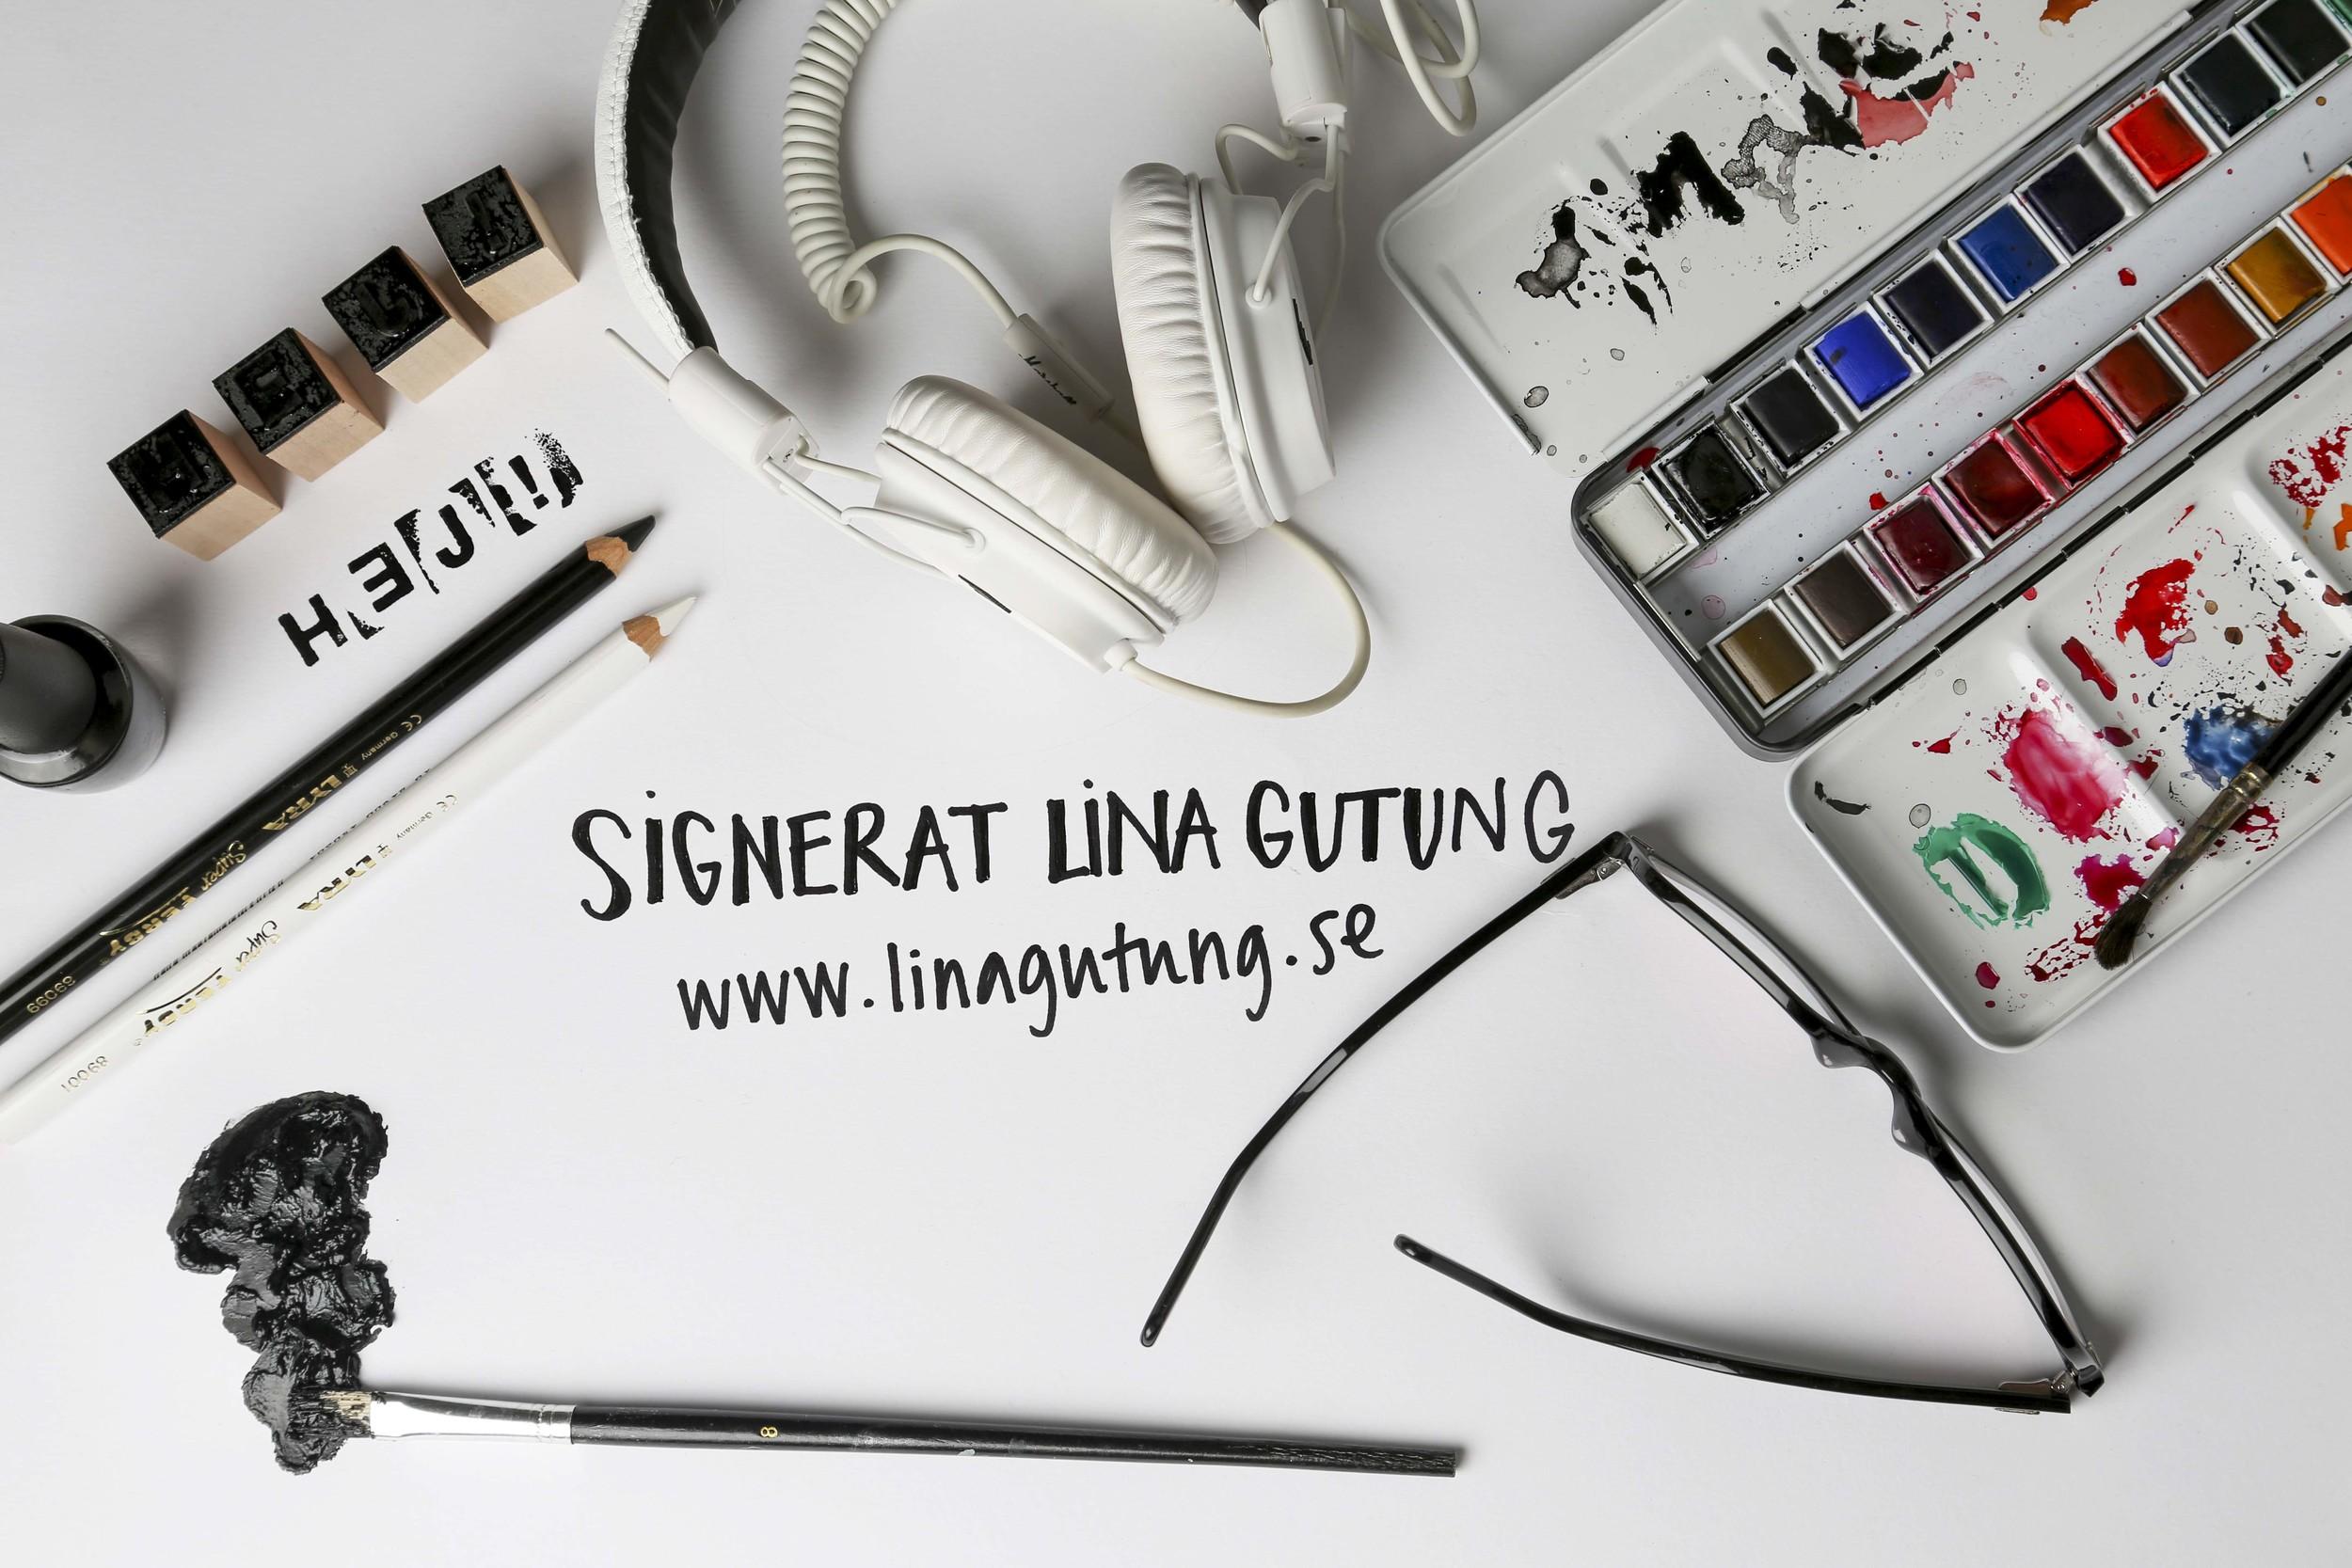 Signerat Lina Gutung